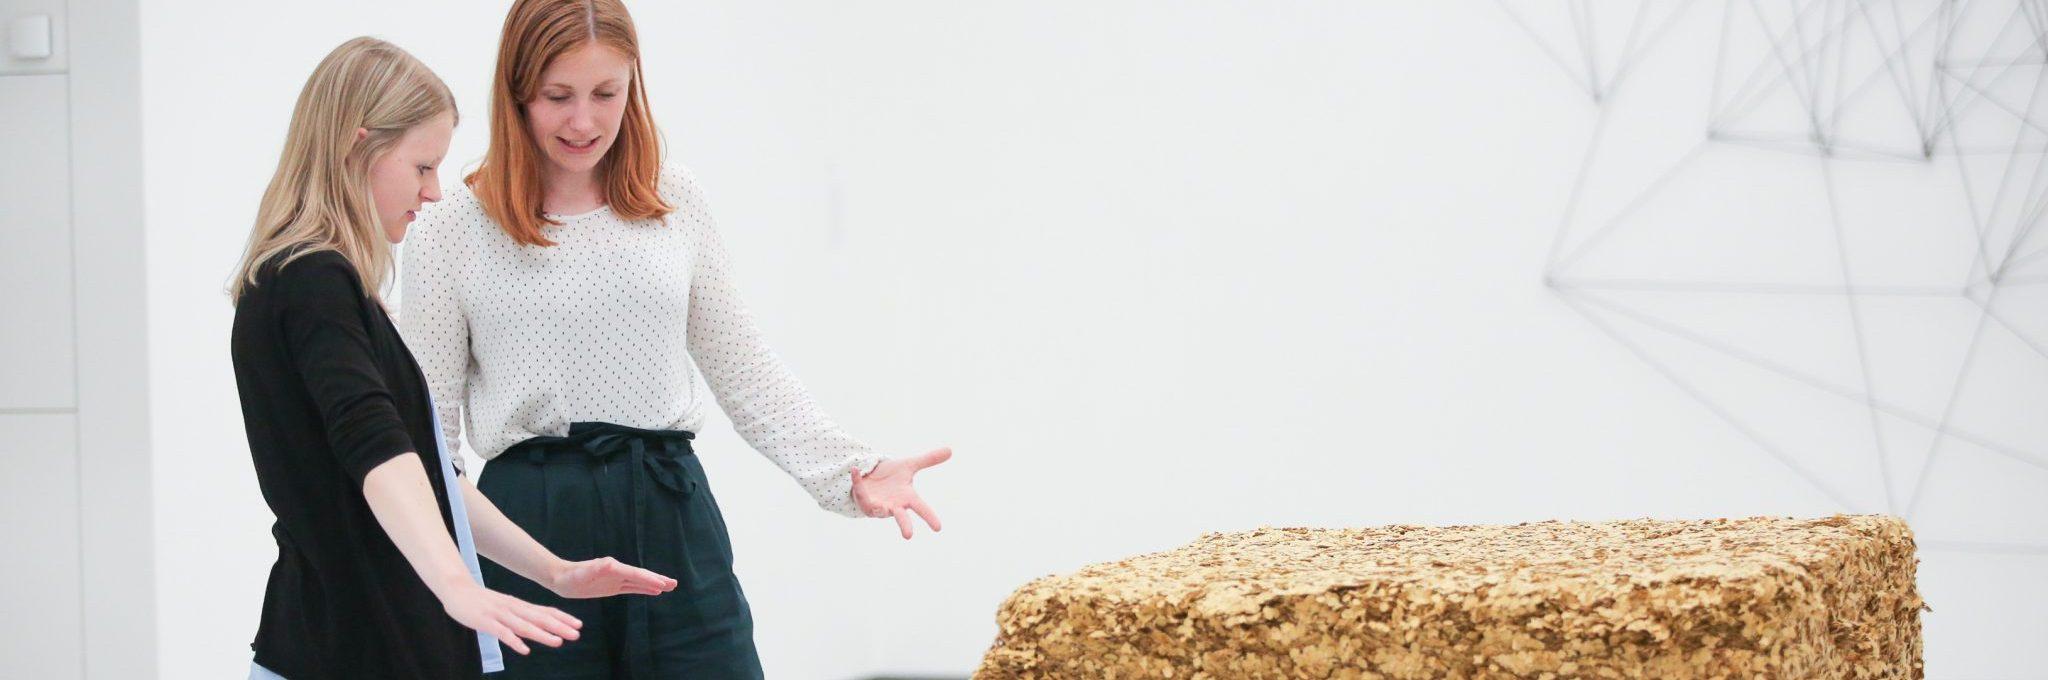 Lisa Maria Maier spricht mit einer Ausstellungs-Besucherin über ein ausgestelltes Werk. Foto: Wynrich Zlomke